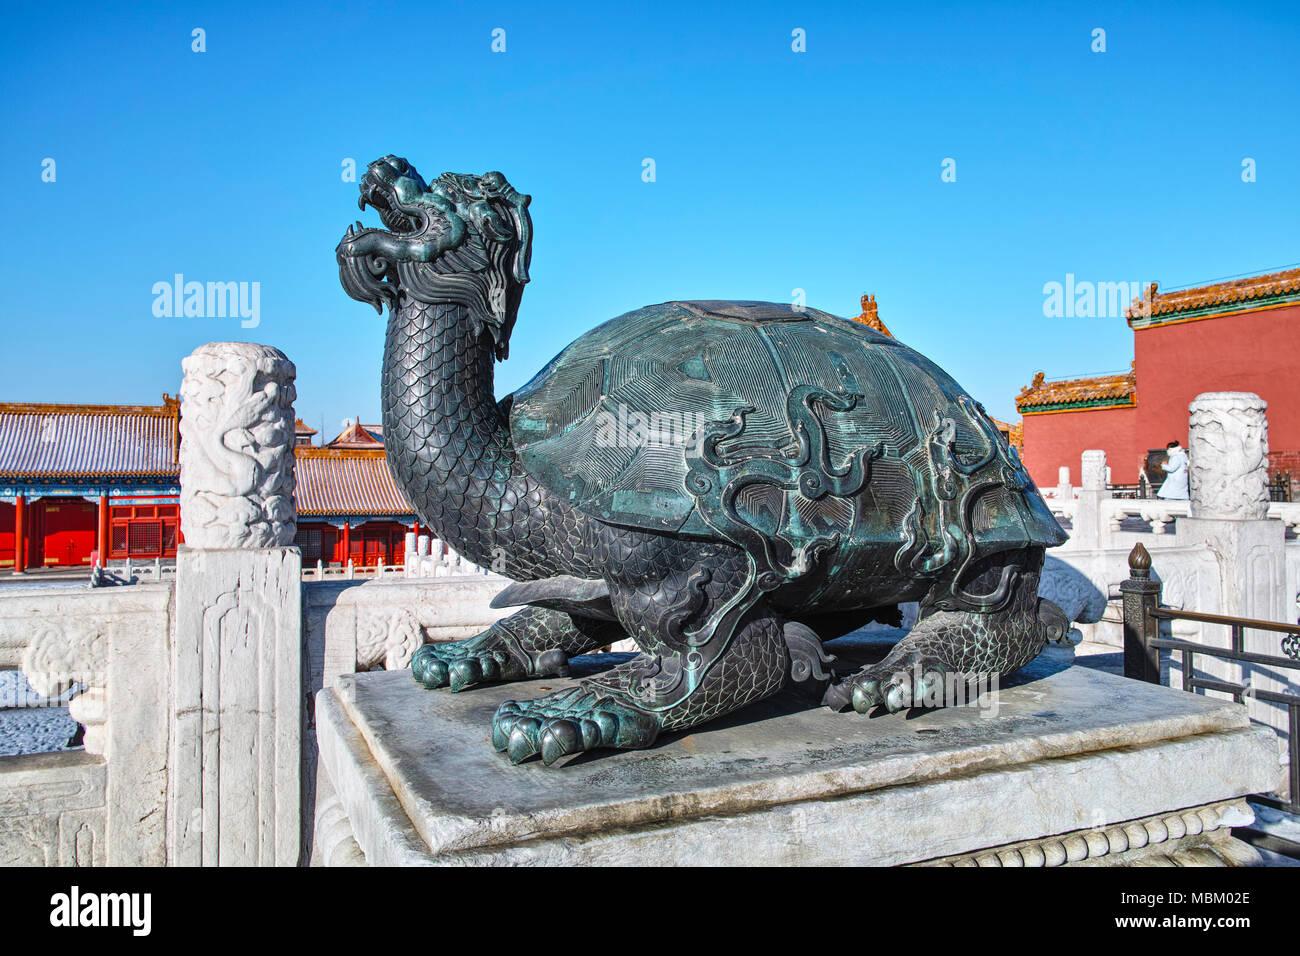 Bronze Tortoise Statue In Forbidden City Beijing